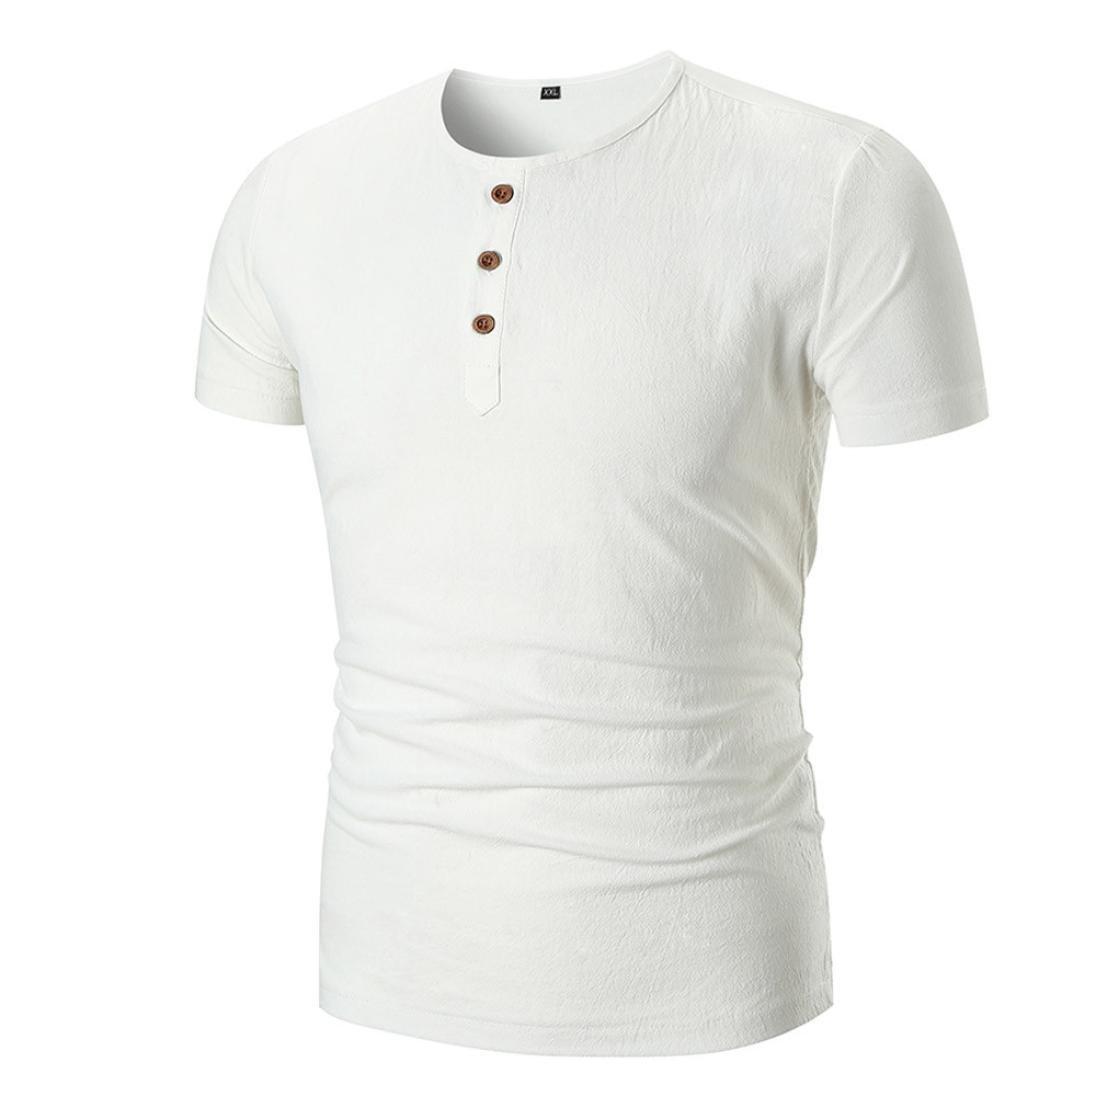 Camiseta para Hombre, Hombres Verano Casual Sólido O Cuello Pullover Manga Corta Camiseta Top Blusa,Personalidad Casual Remera Slim Camisas: Amazon.es: Ropa ...